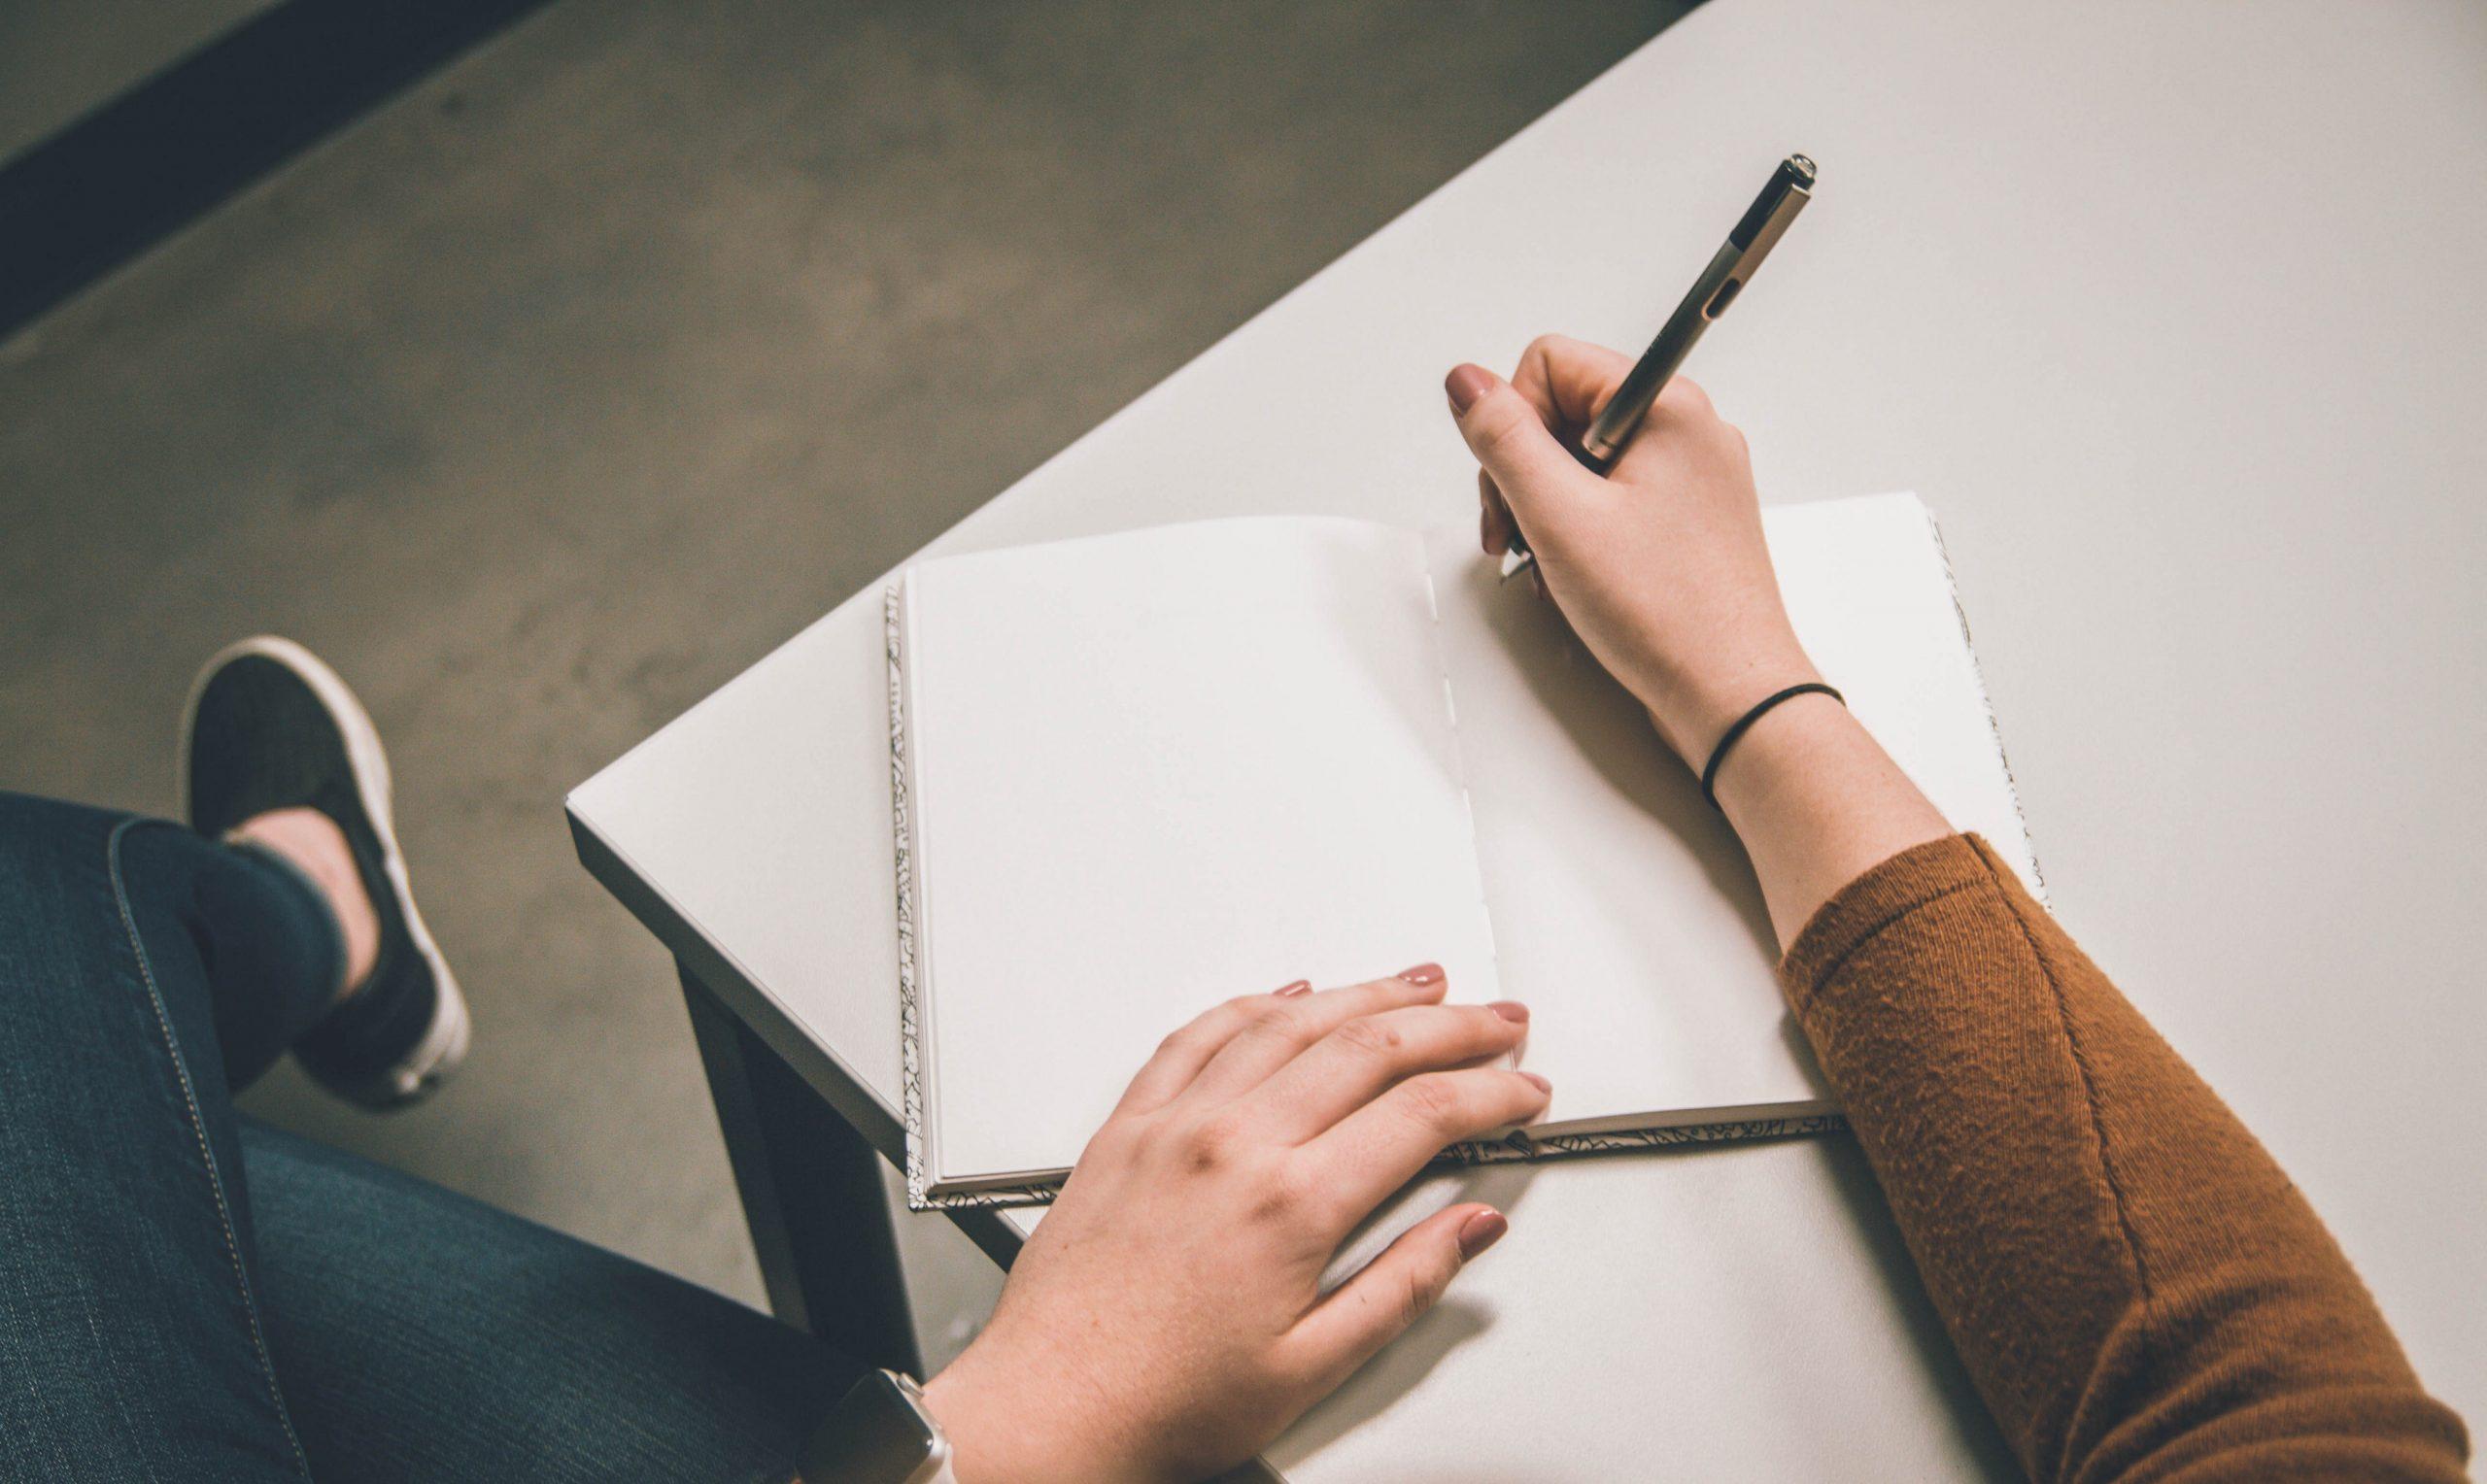 写论文时,有什么寻找论文题目的方法?